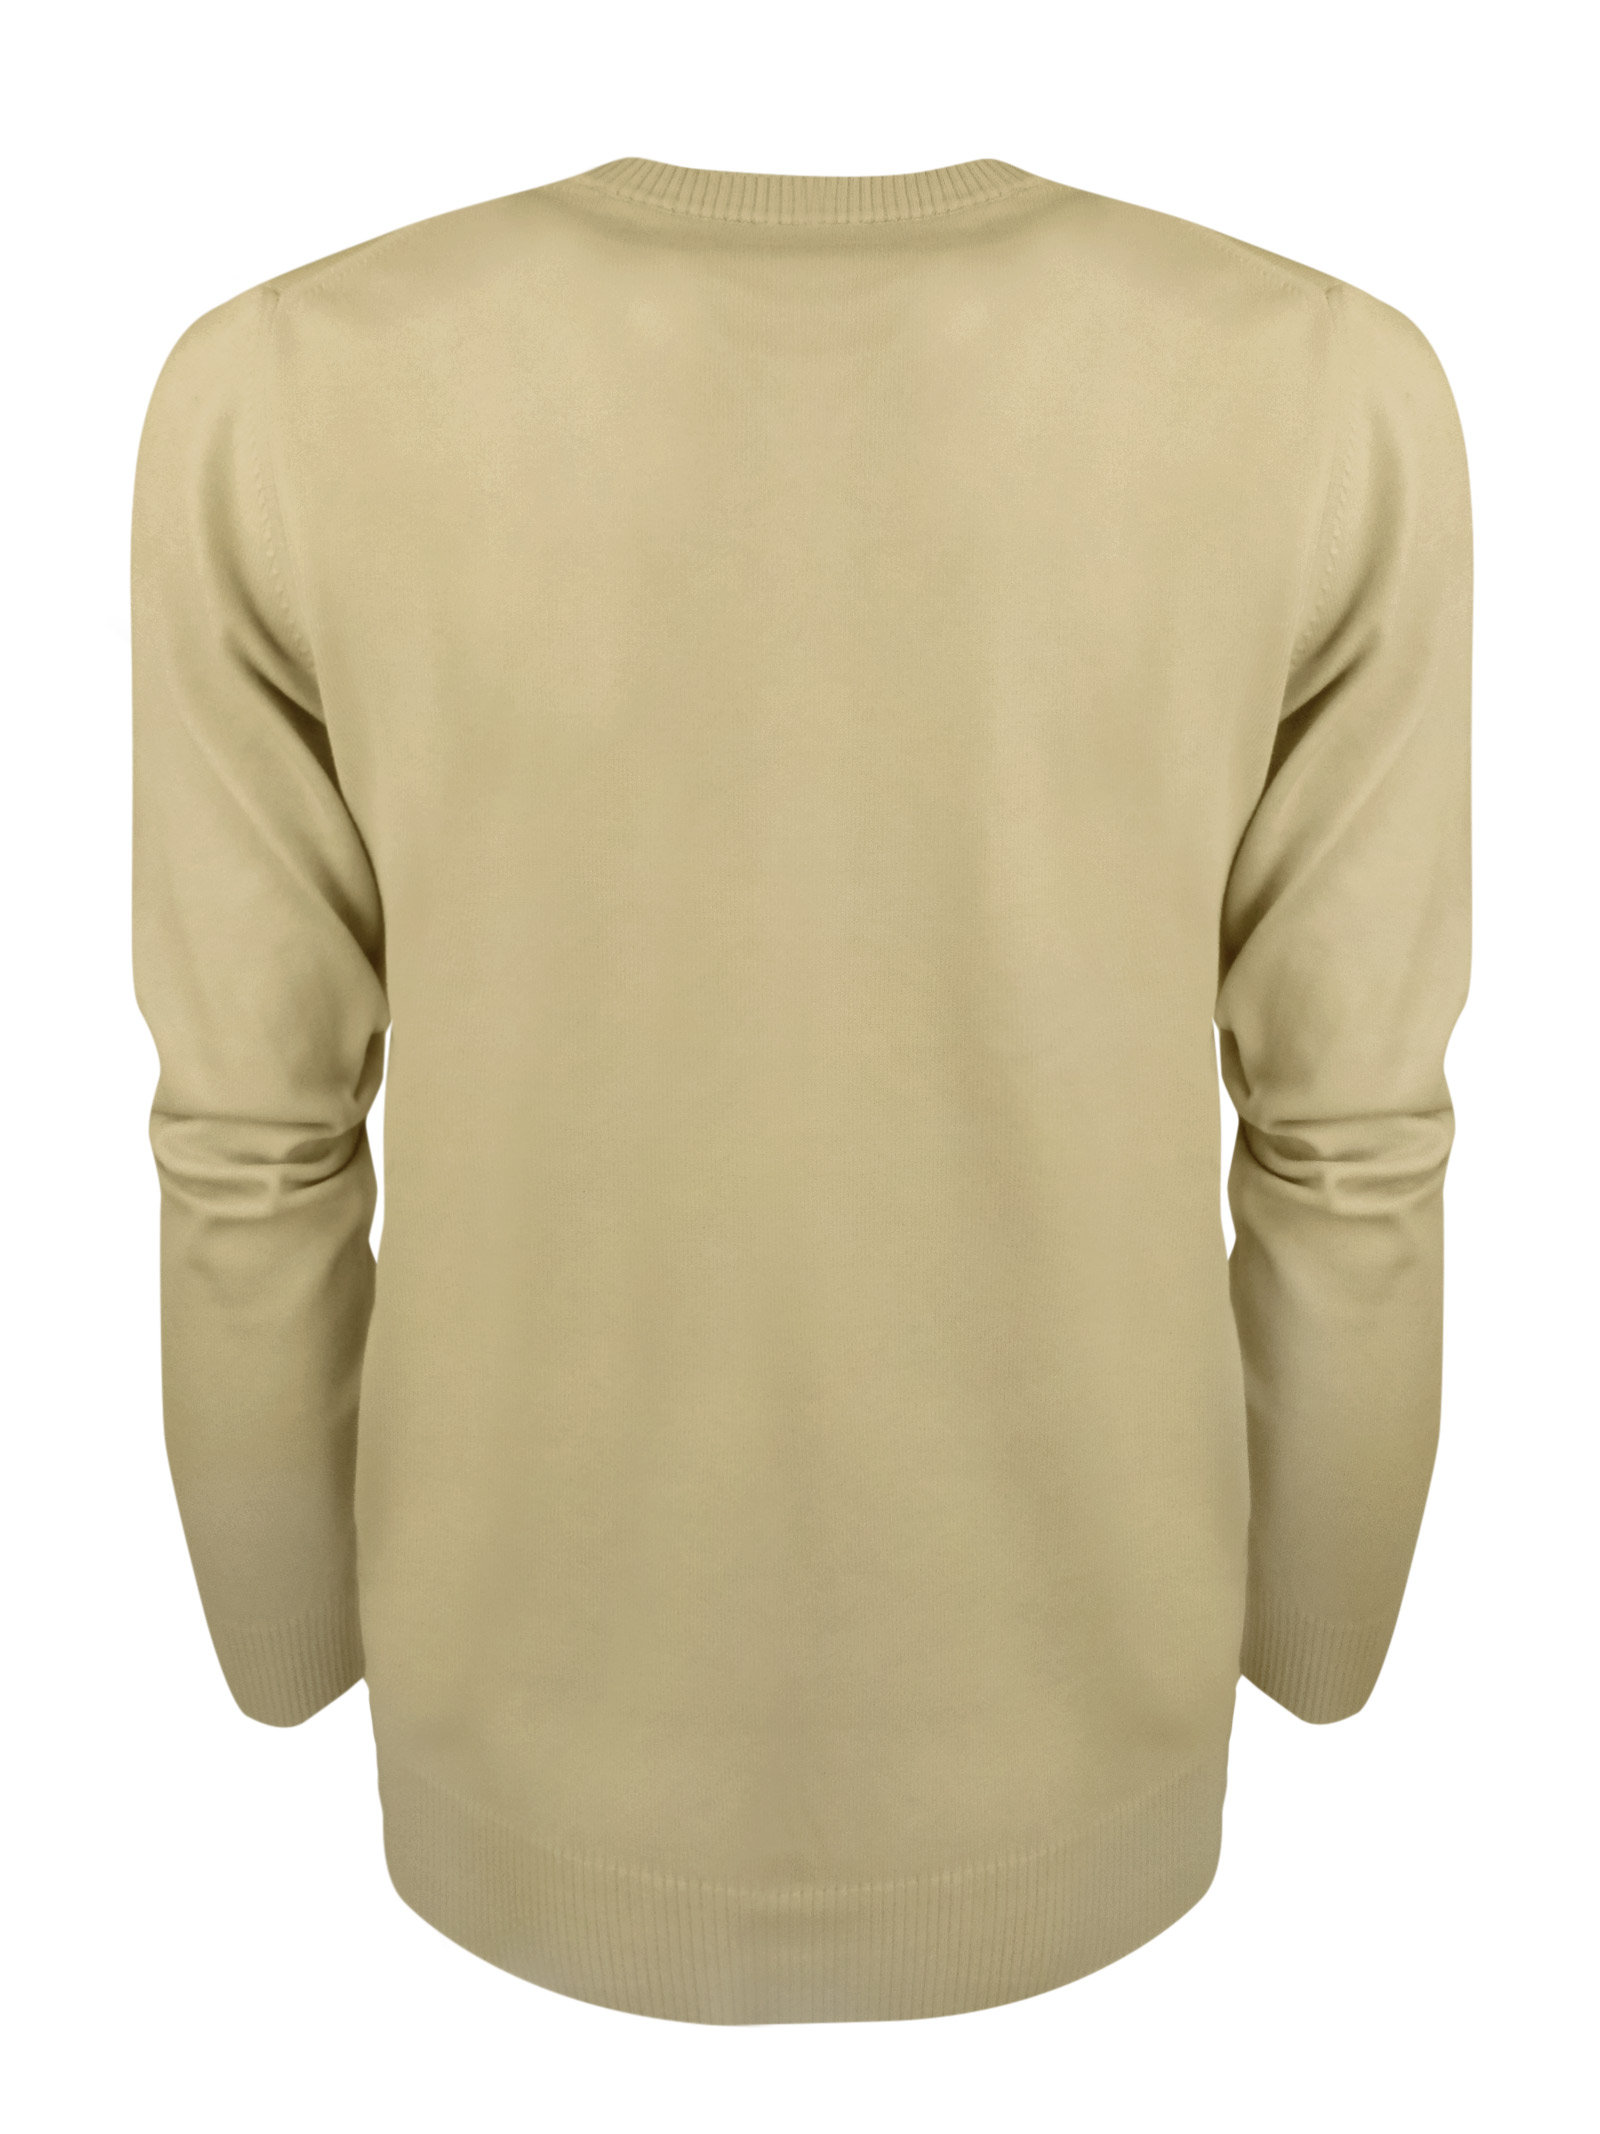 Maglia girocollo in cotone , logo in contrasto . BROOKSFIELD | Maglieria | 203E.A0210796